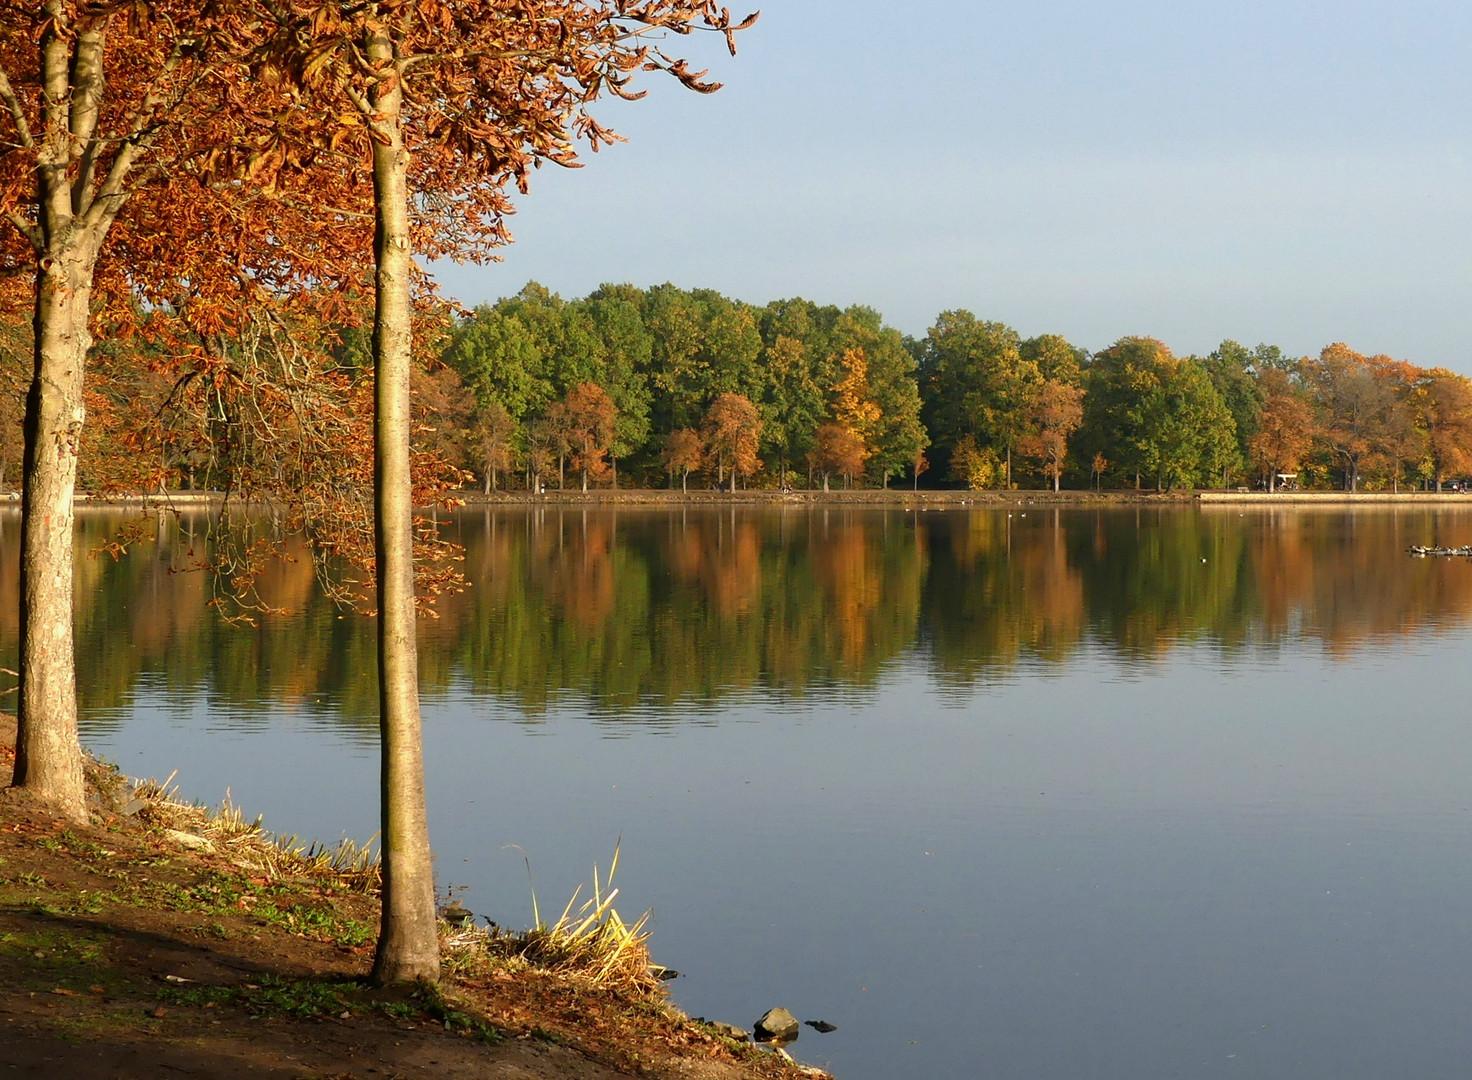 Herbstsonnenwetter